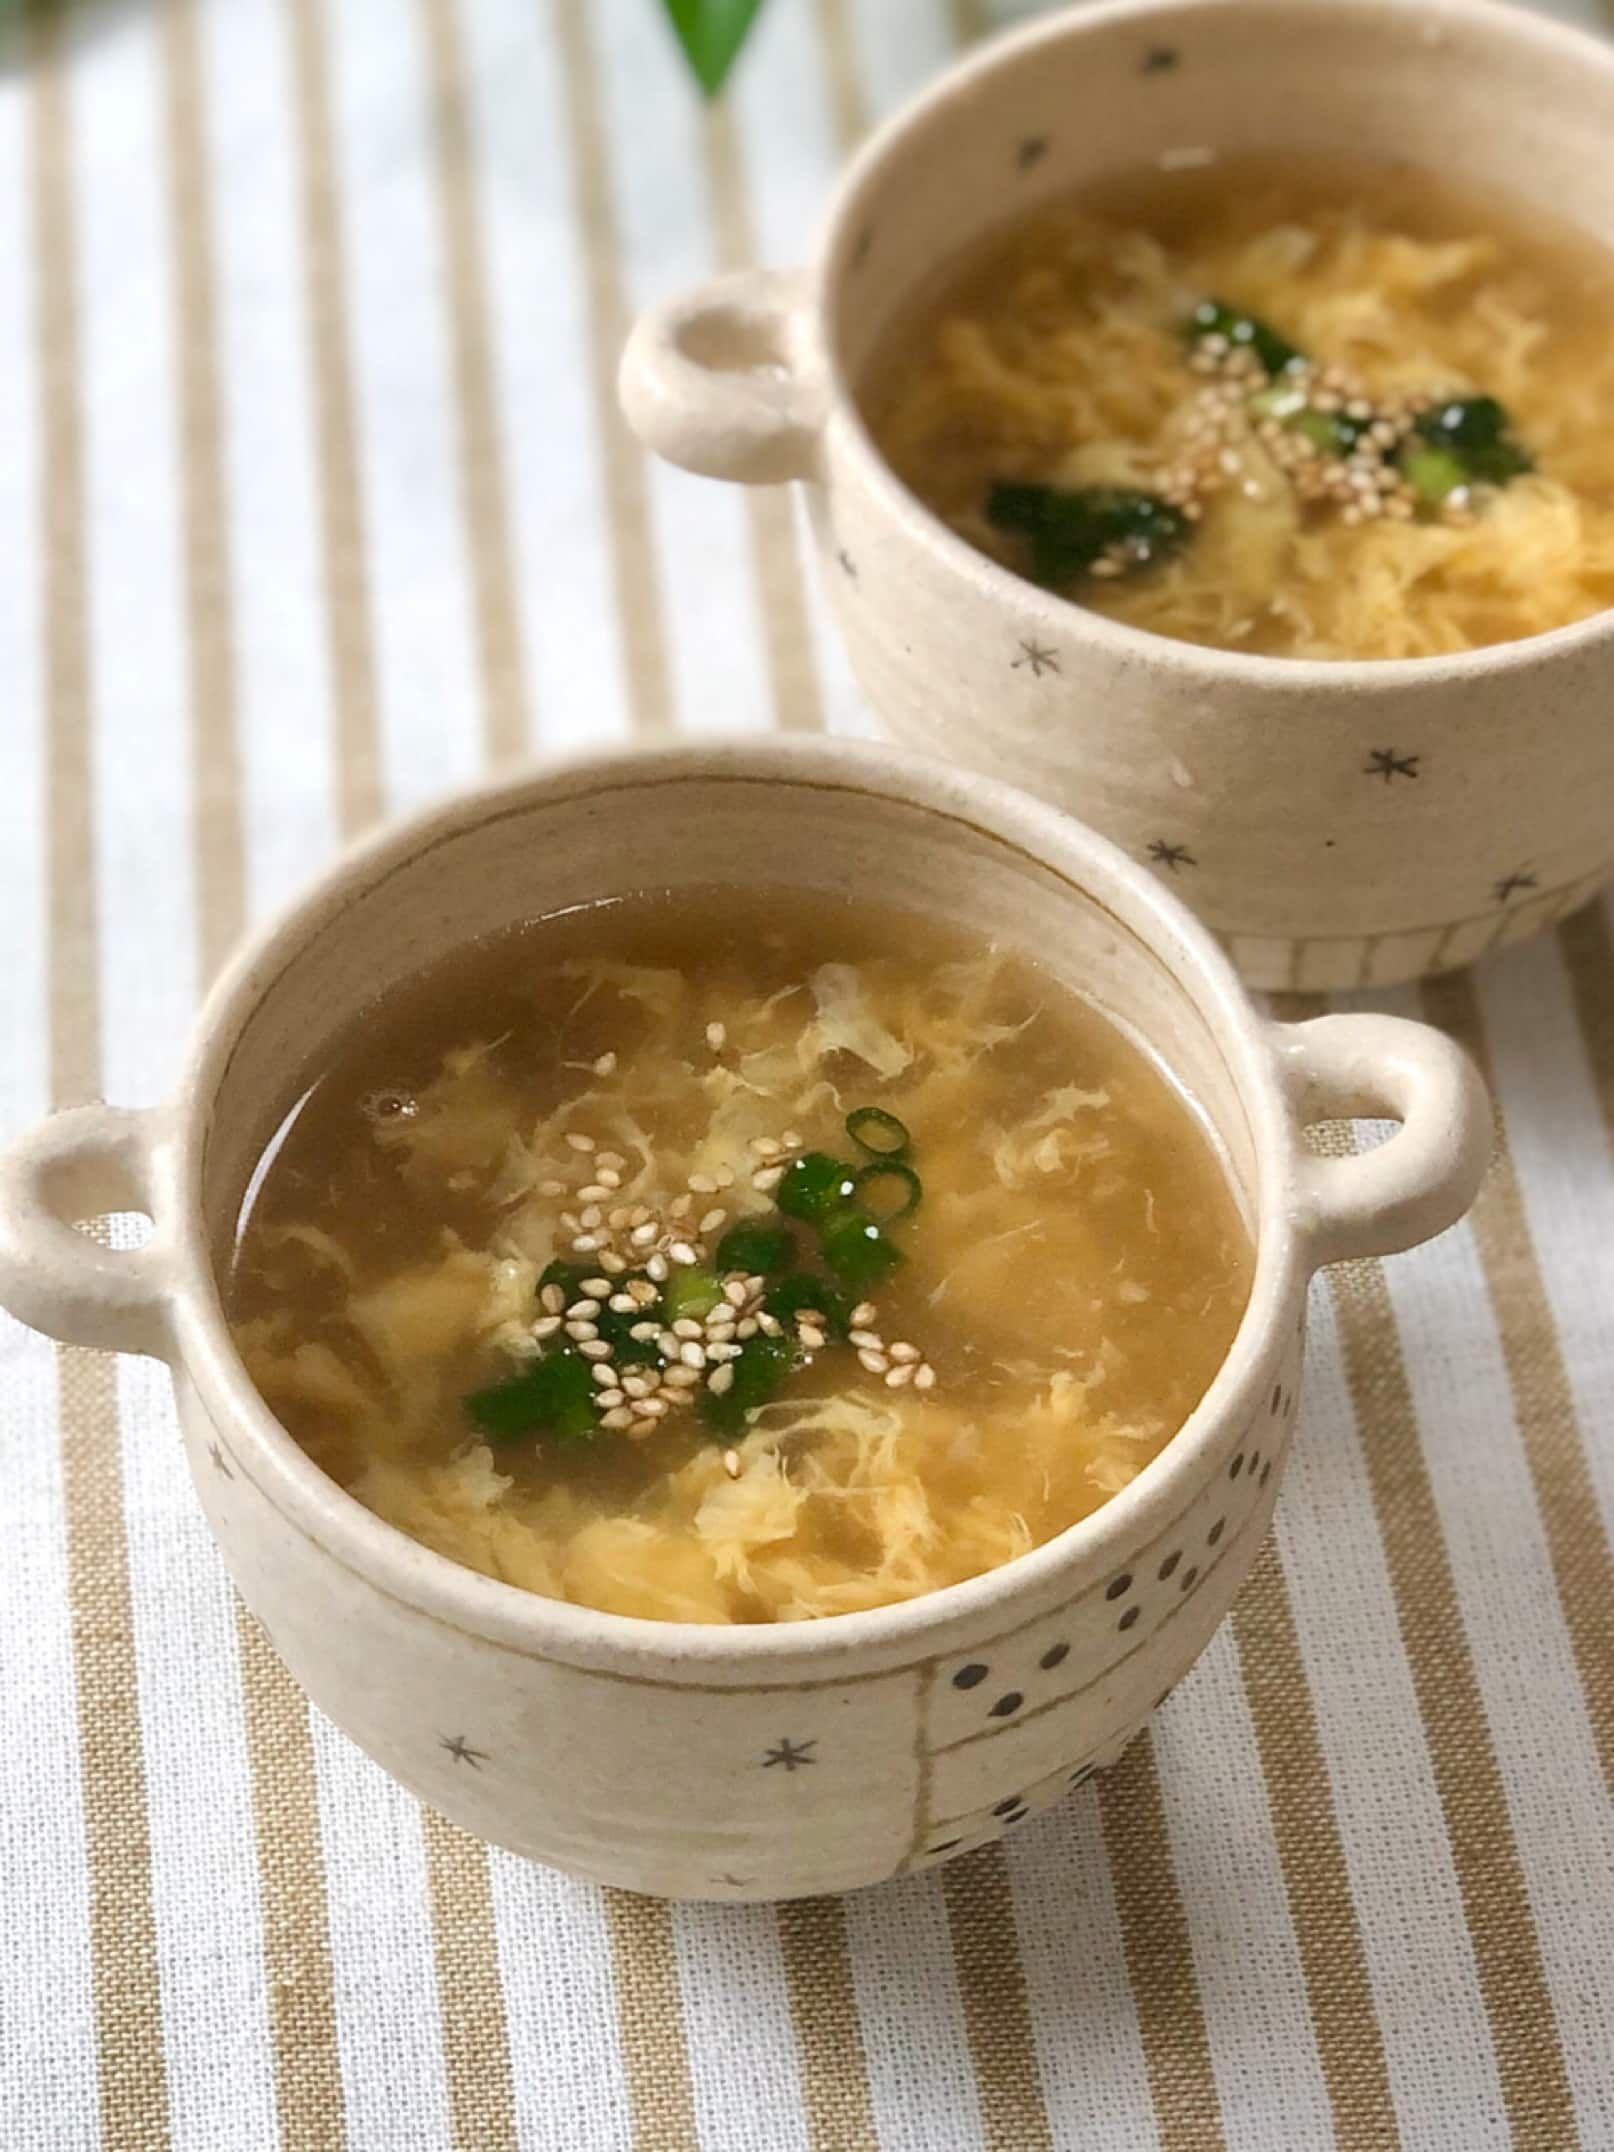 もう迷わない 丁度いい配合 中華料理店のたまごスープ レシピ